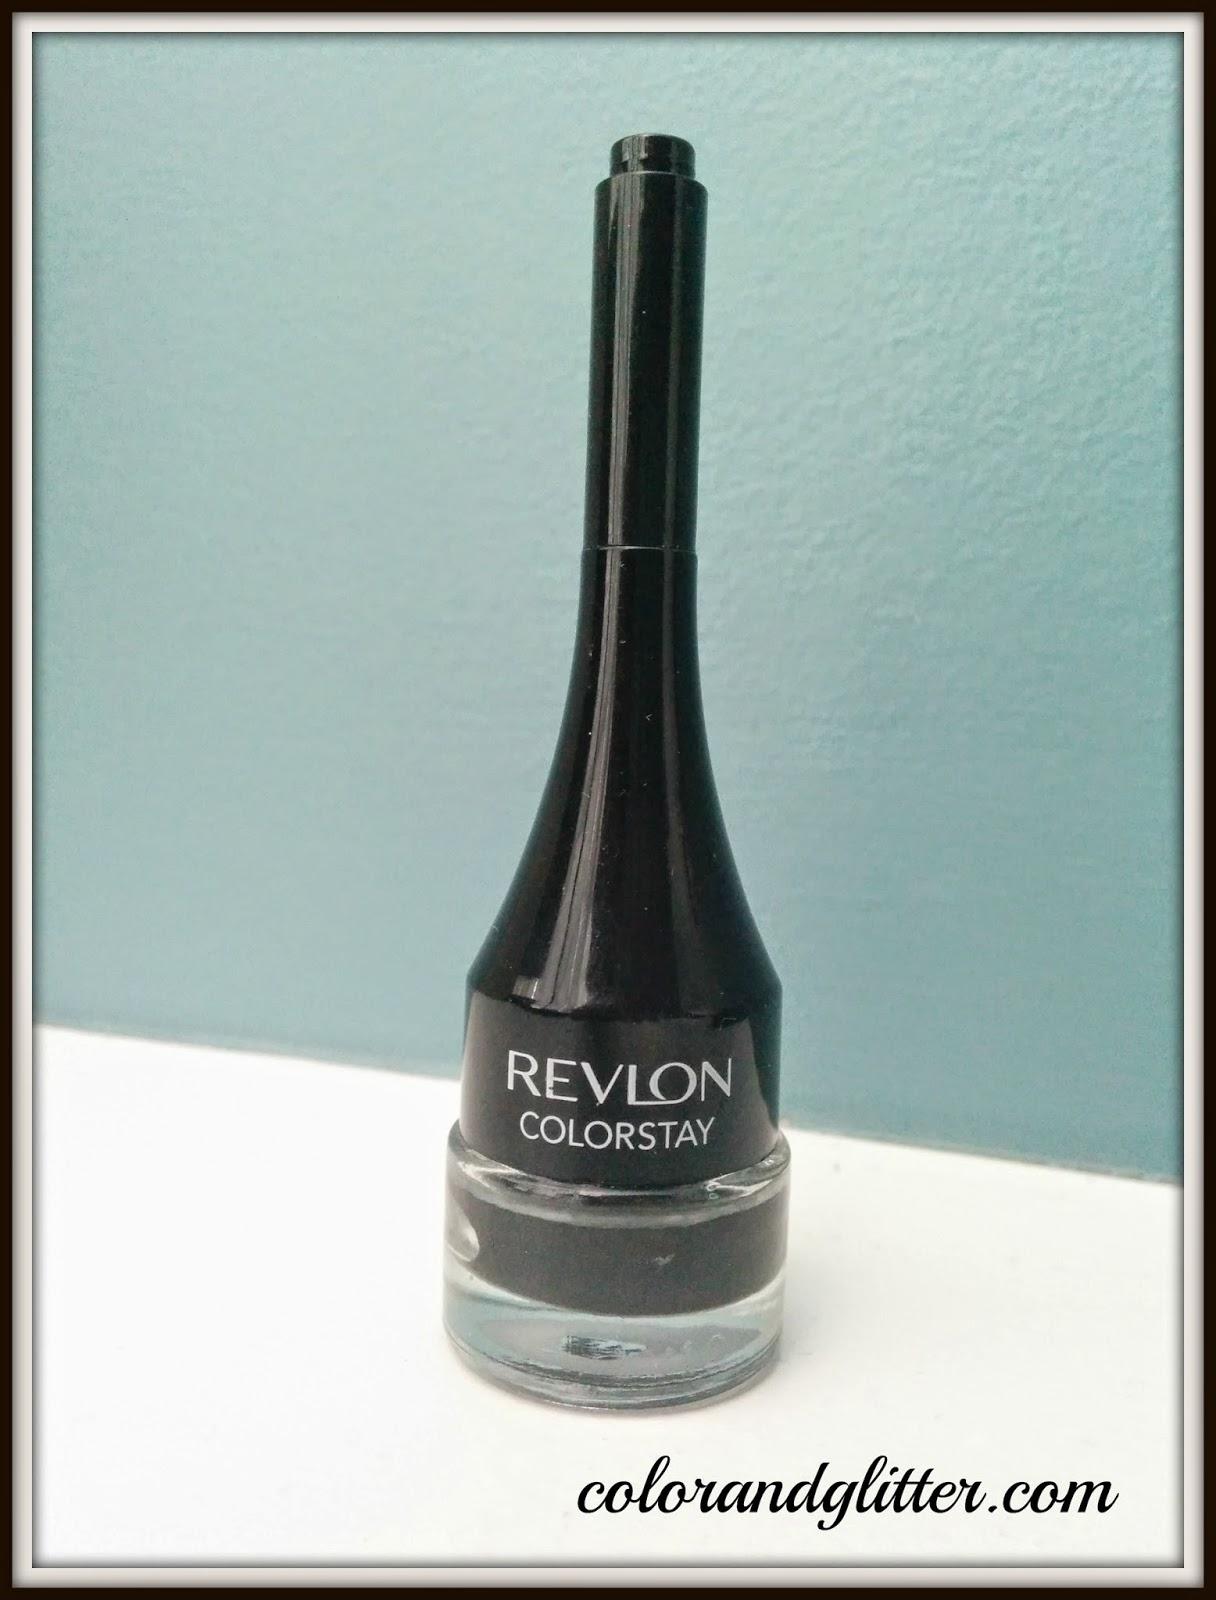 Revlon ColorStay Eye Liner Creme Gel Liner in Charcoal